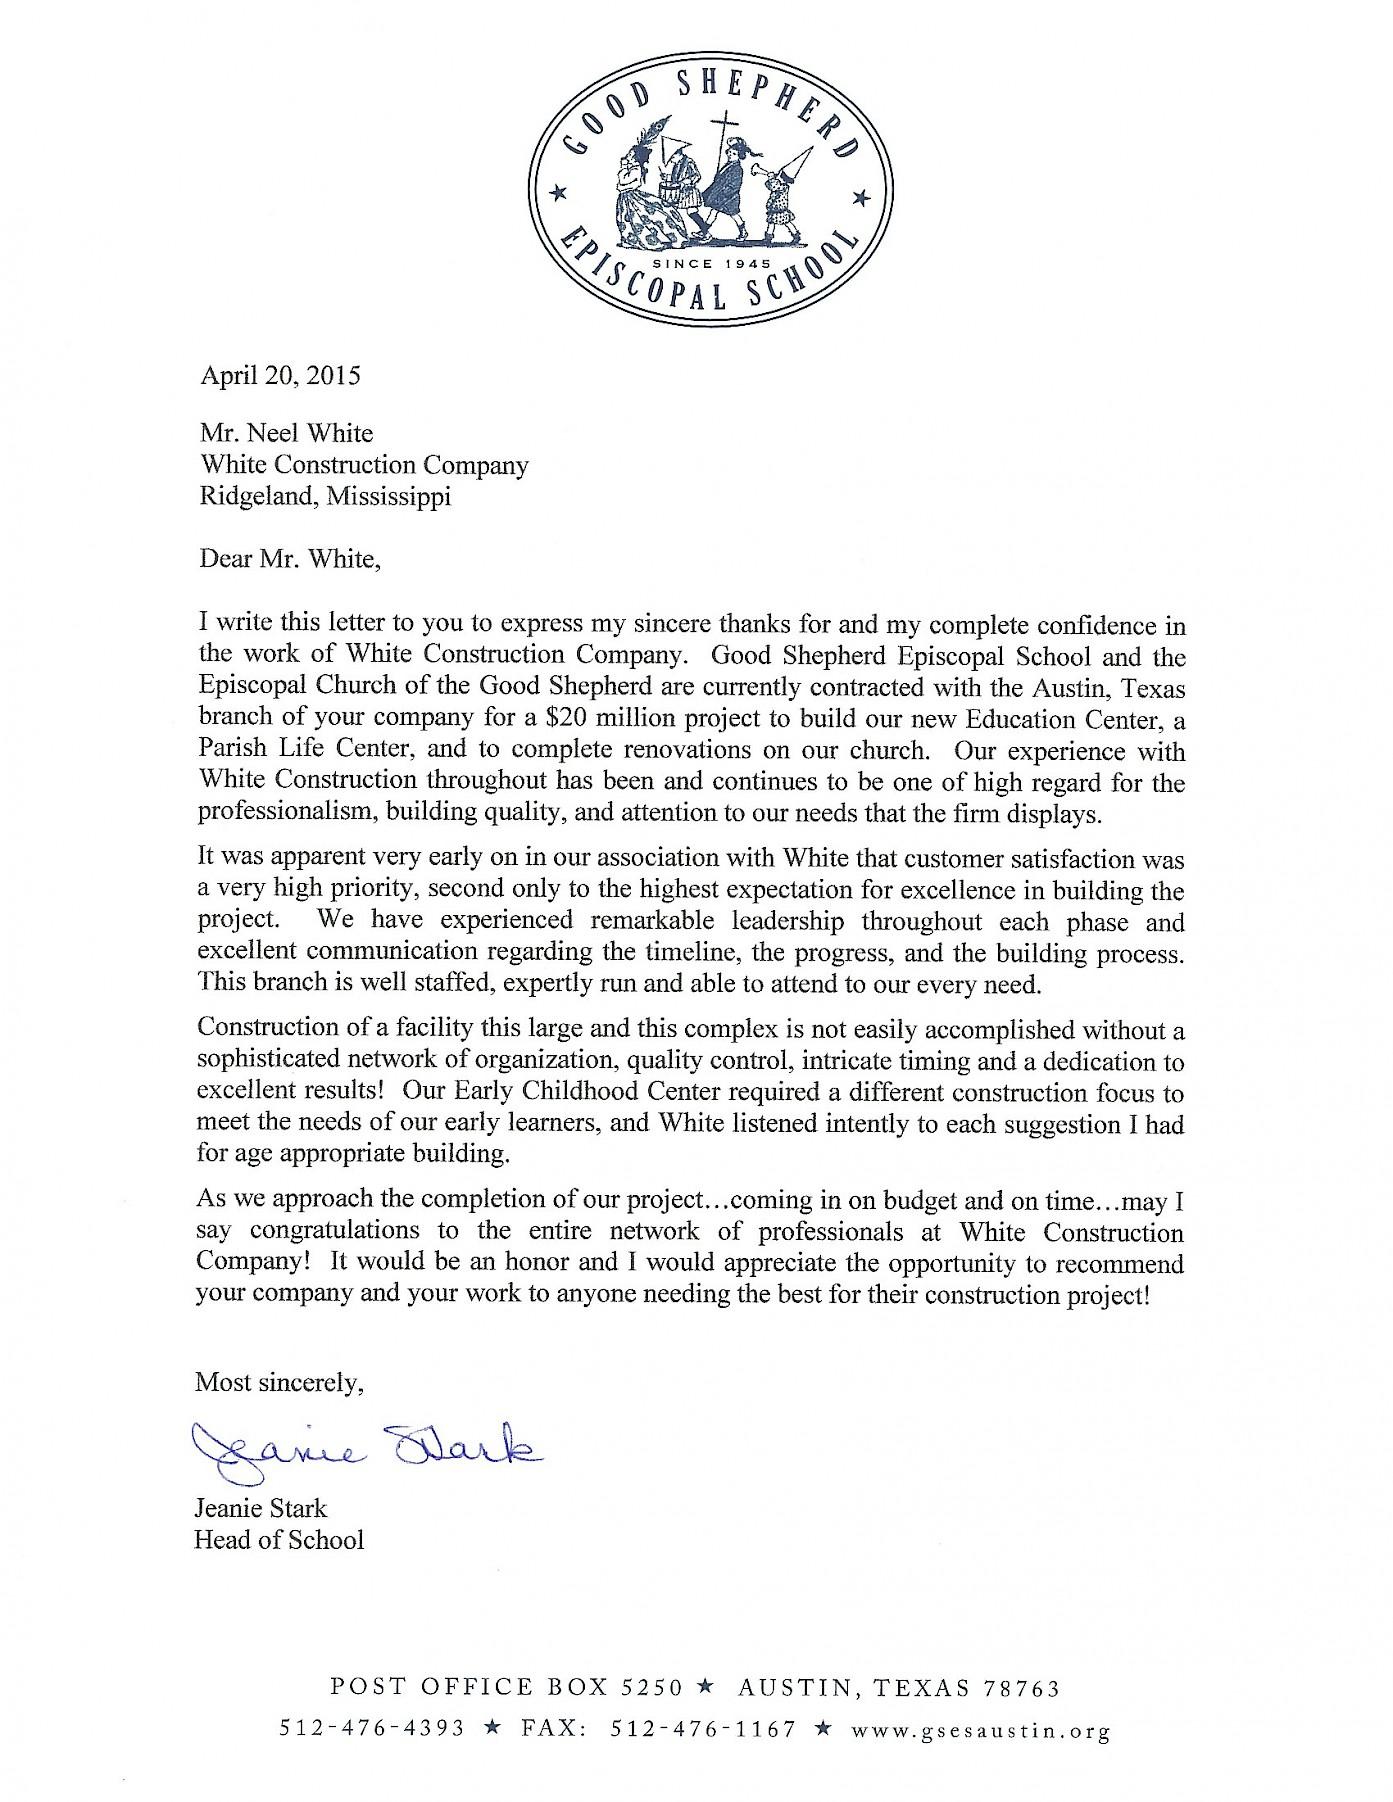 appreciation letter from good shepherd episcopal school white appreciation letter from good shepherd episcopal school